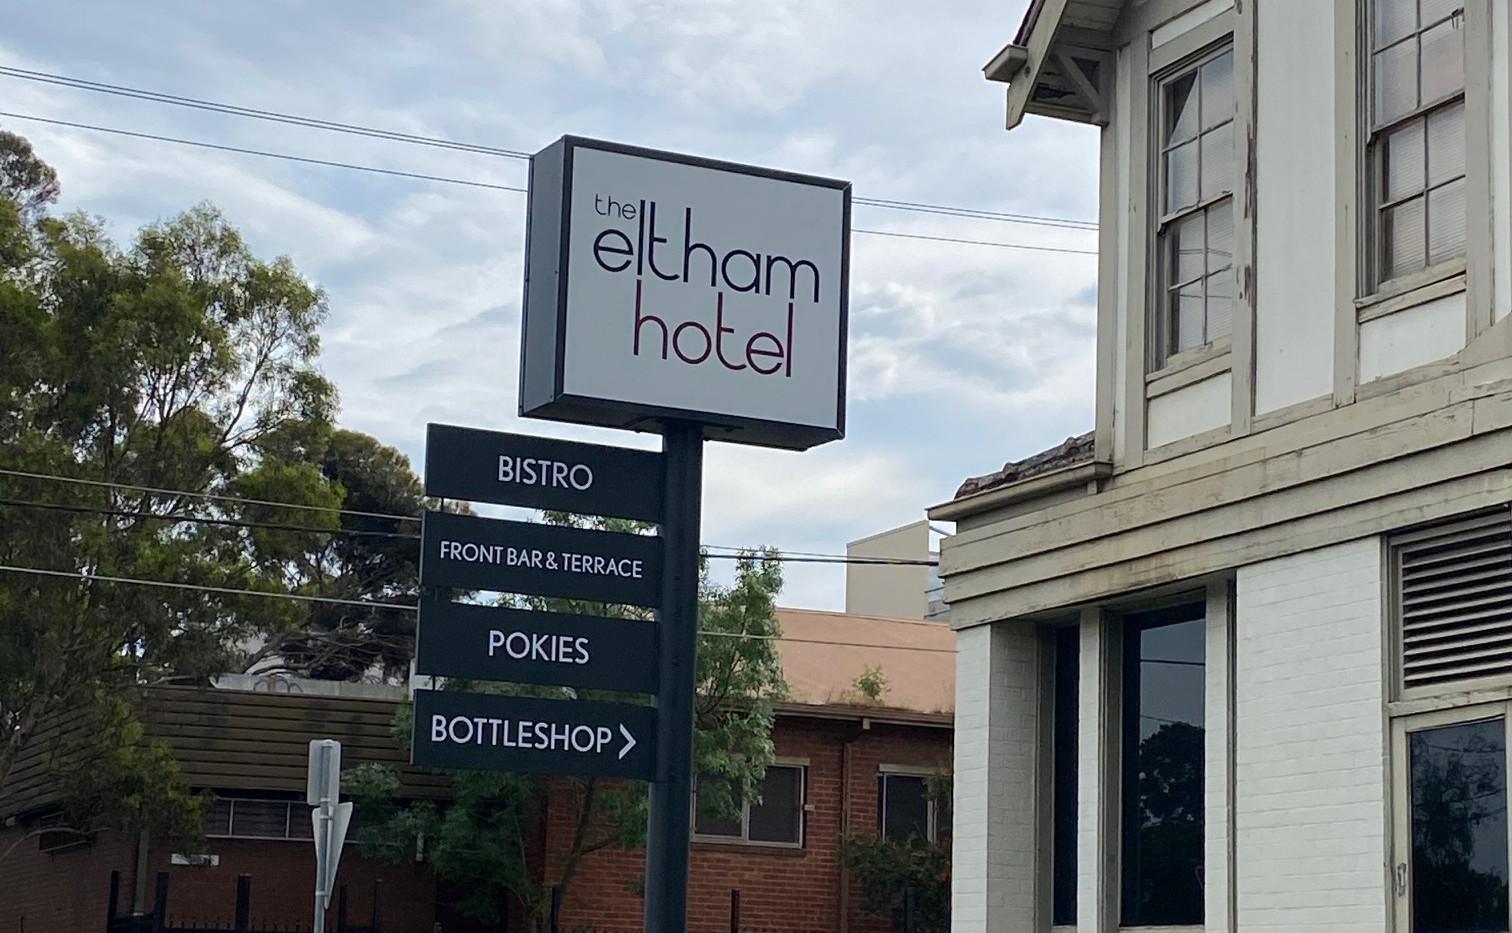 Elthham Hotel